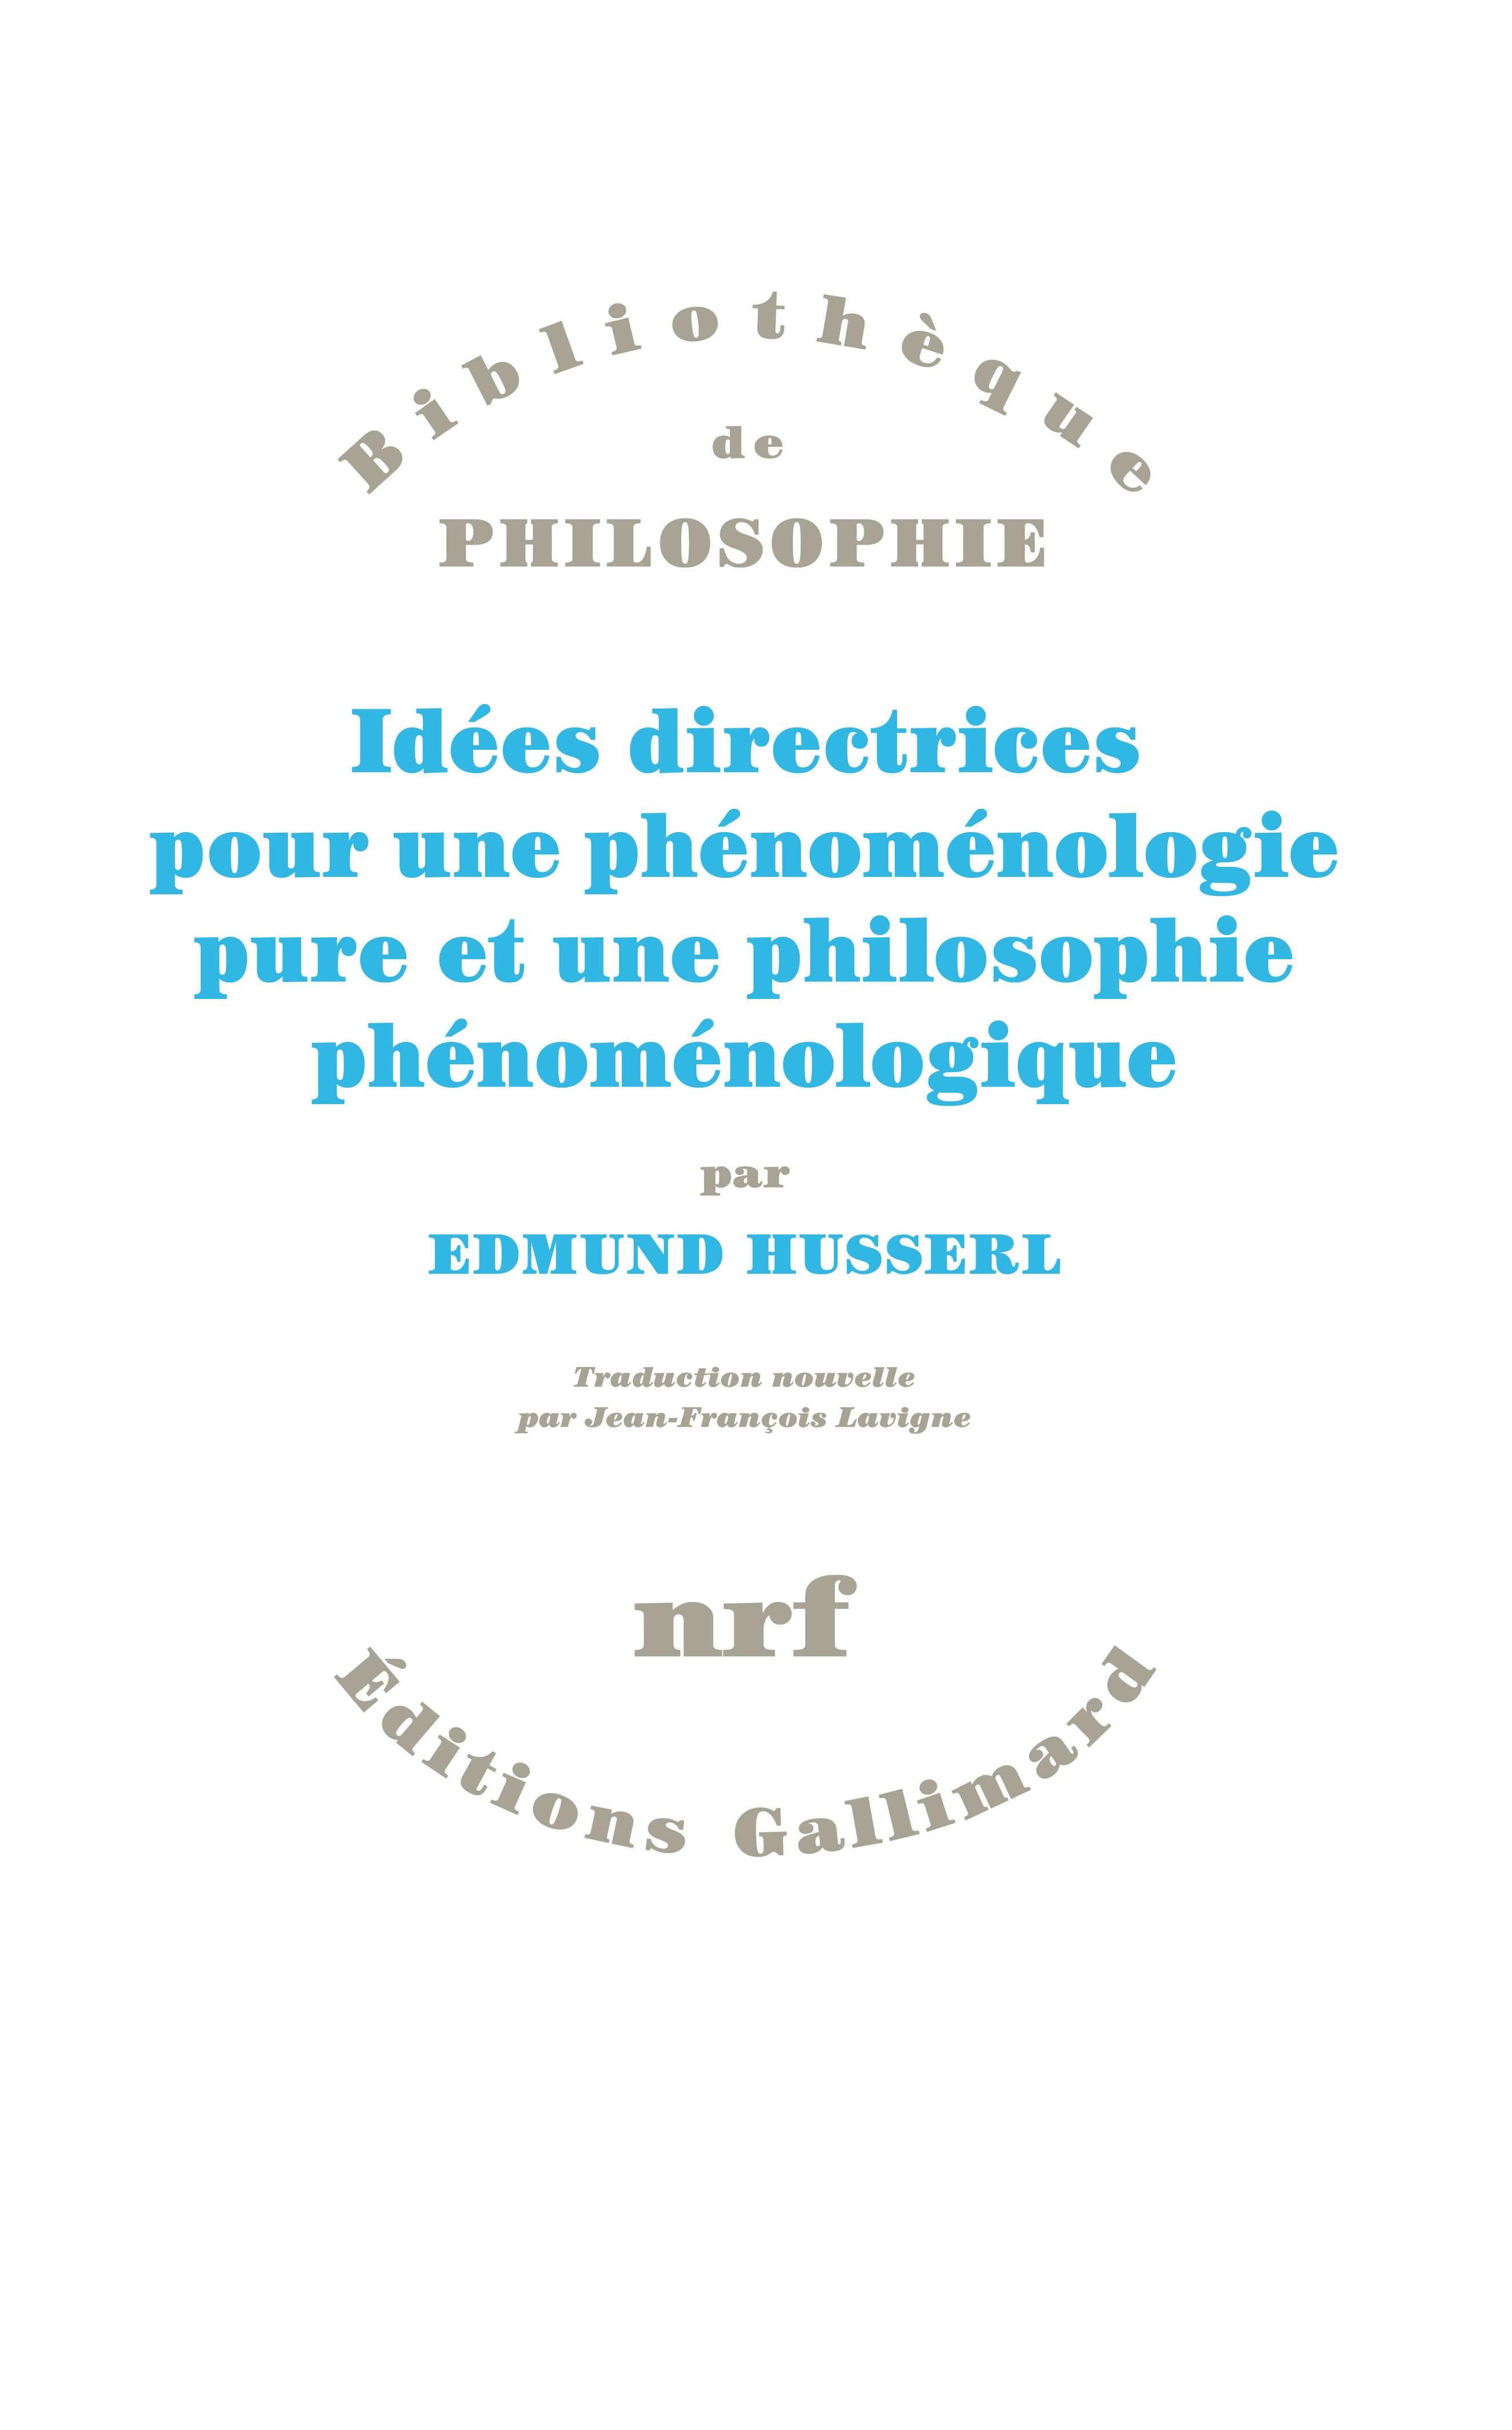 E. Husserl, Idées directrices pour une phénoménologie pure et une philosophie phénoménologique (nouvelle trad. J.-F. Lavigne)